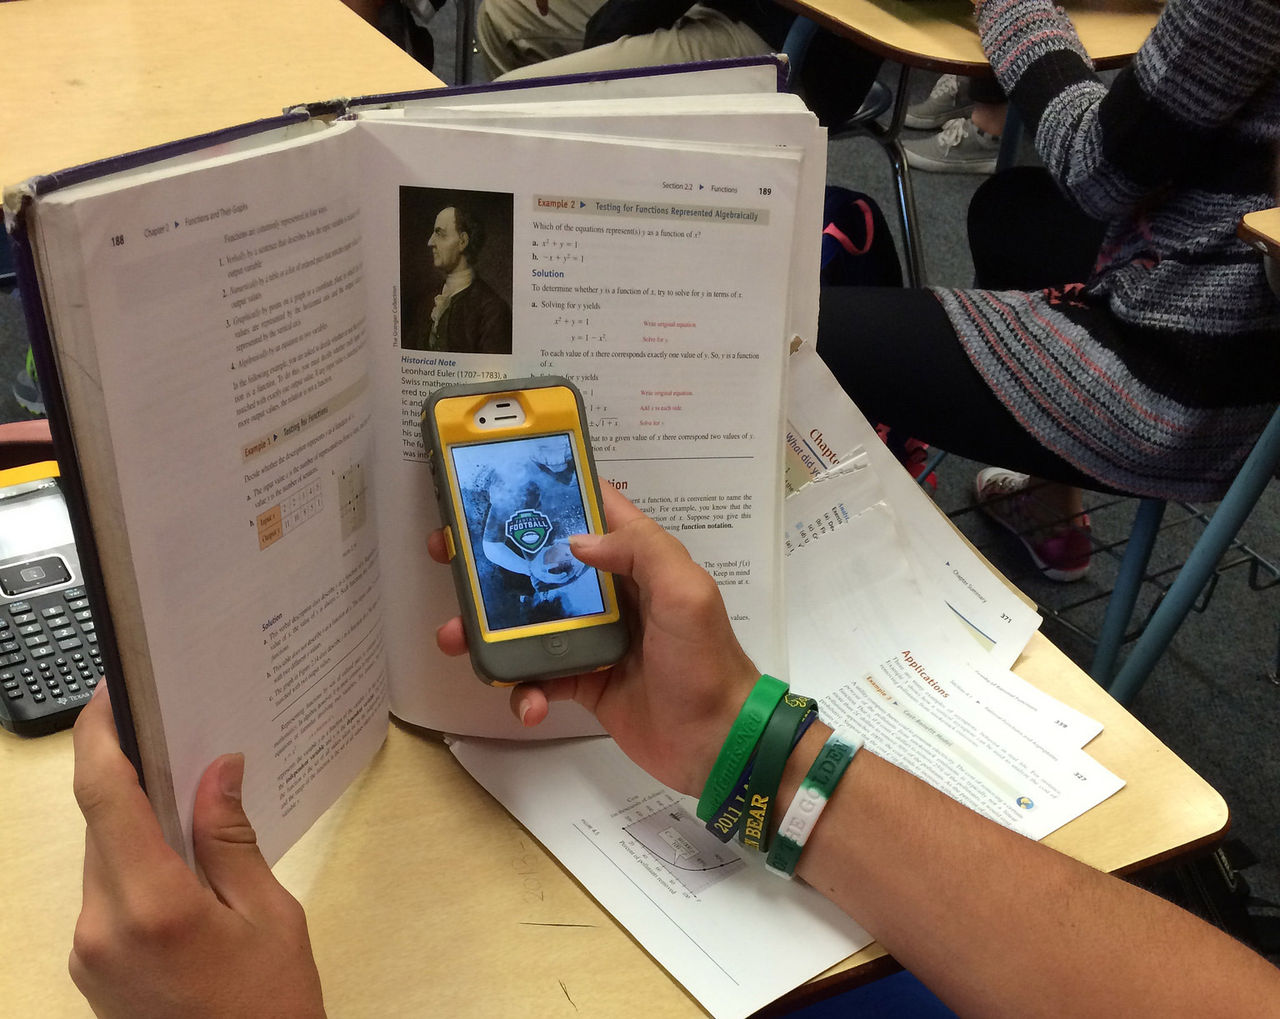 Totalt mobilförbud i franska skolor